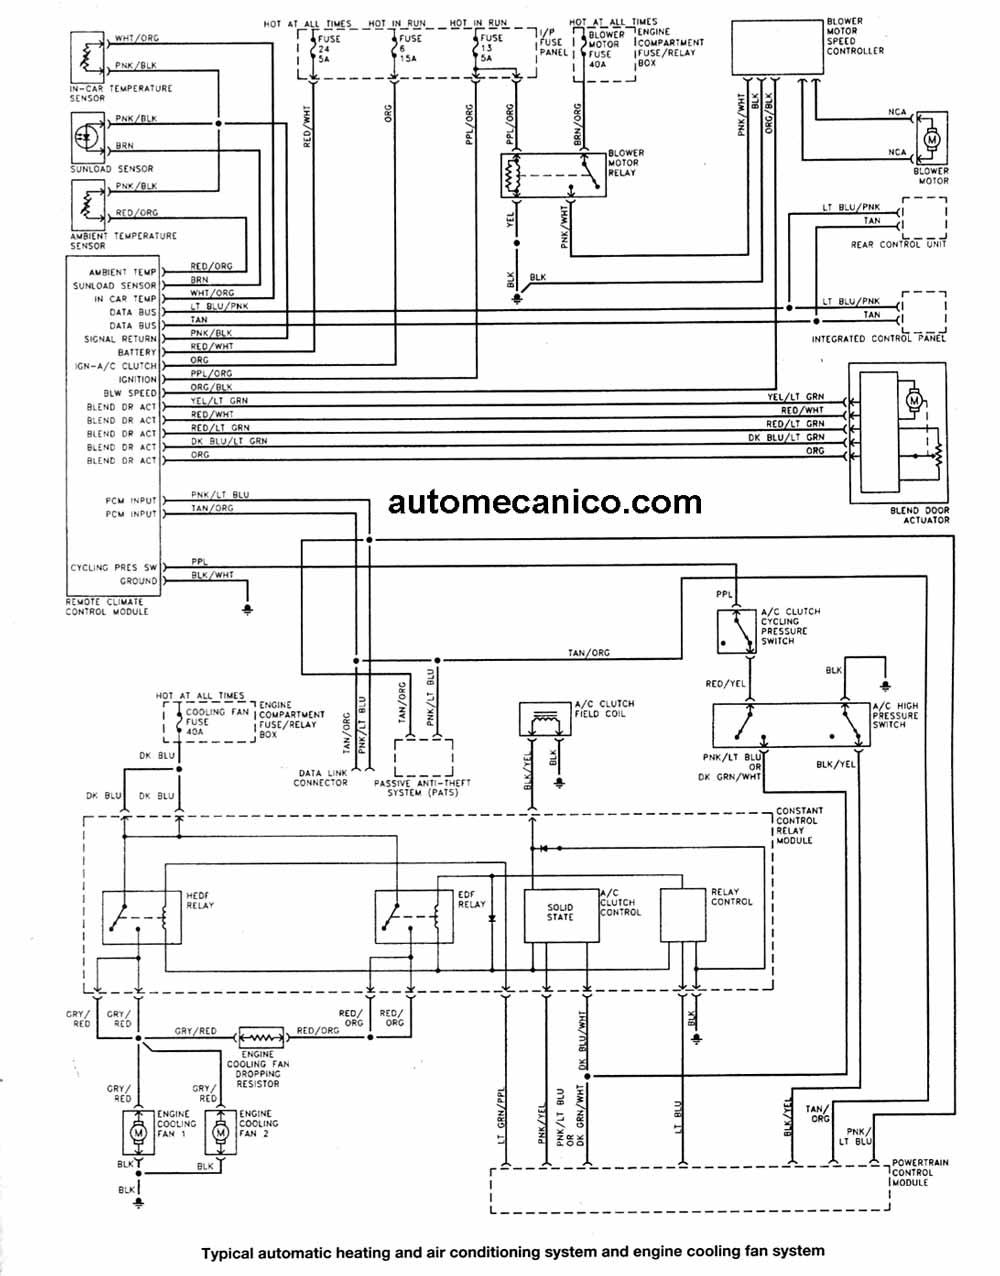 wiper motor wiring diagram ford 99 jeep wrangler fuse | diagramas, esquemas electricos, taurus. mecanica automotriz